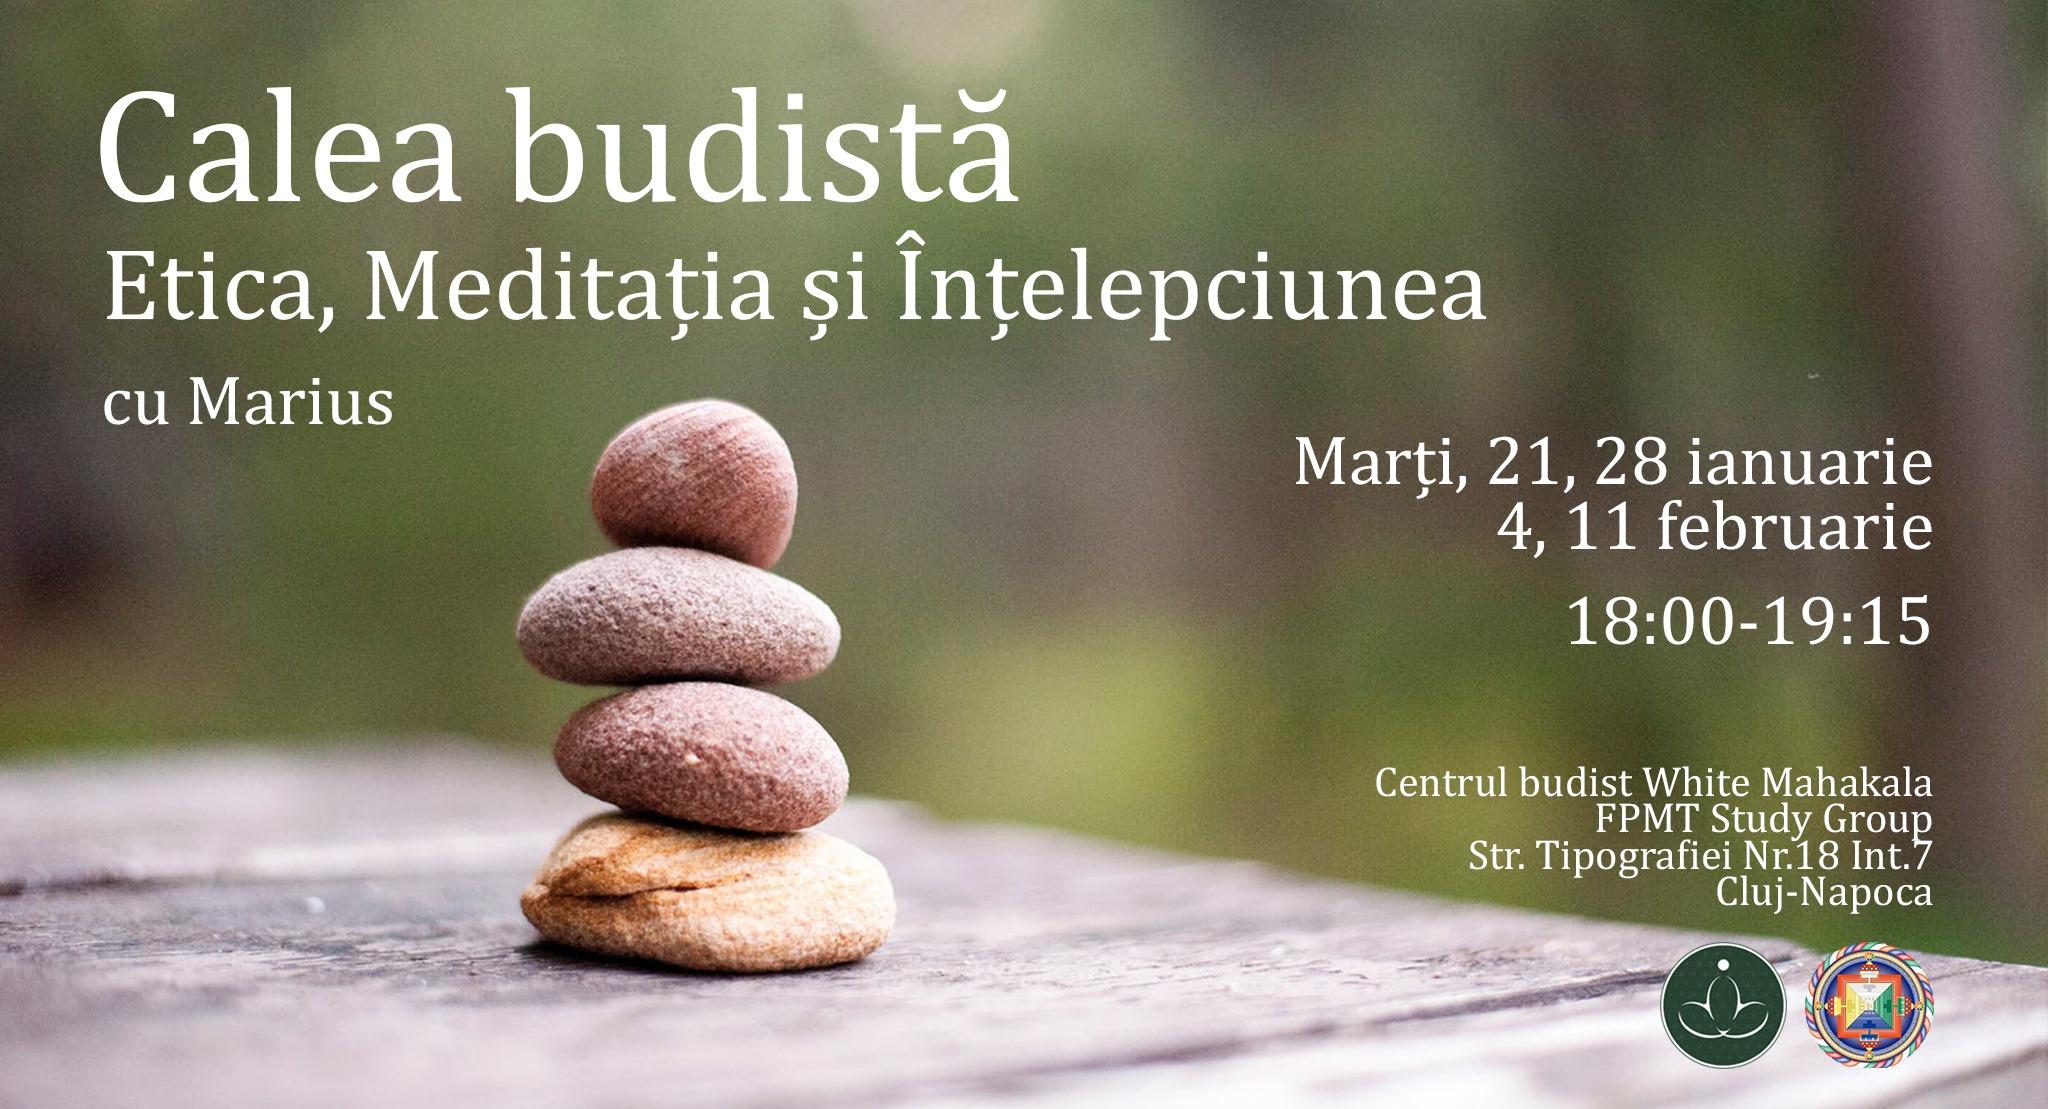 Calea budista: Etica, meditatia si intelepciunea cu Marius